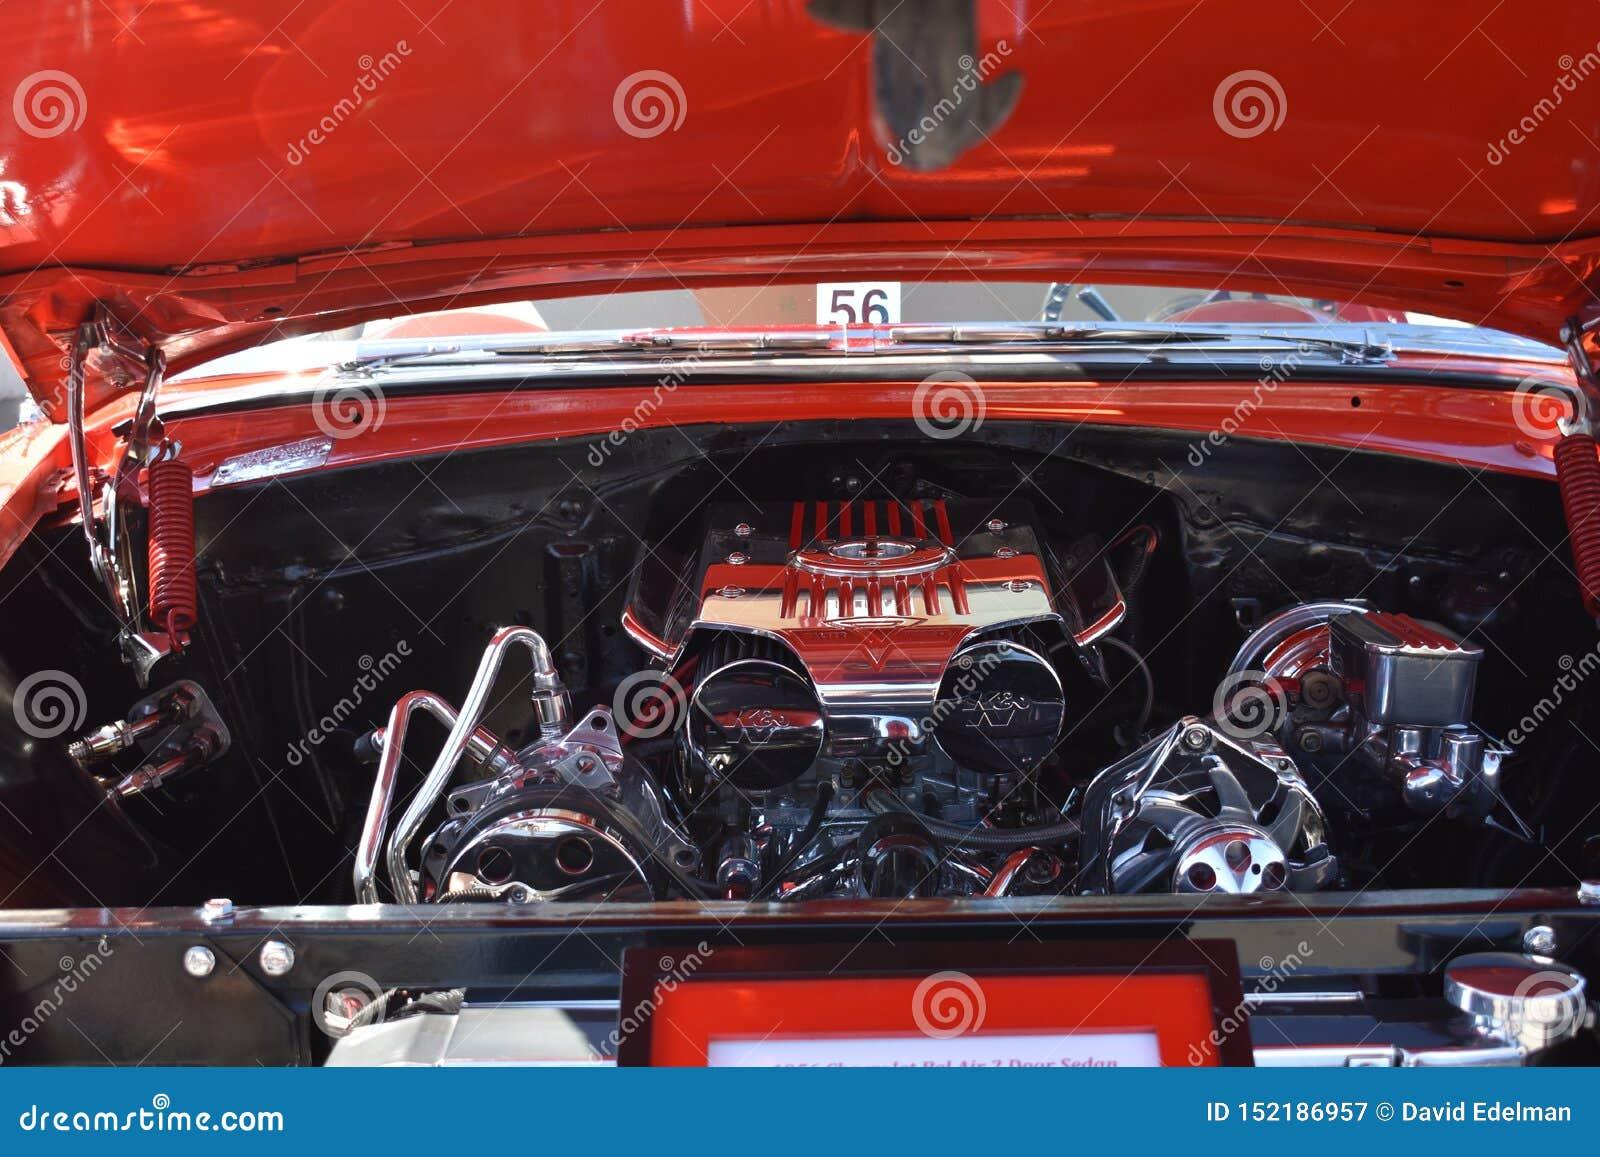 1956年薛佛列贝尔艾尔区轿车,1